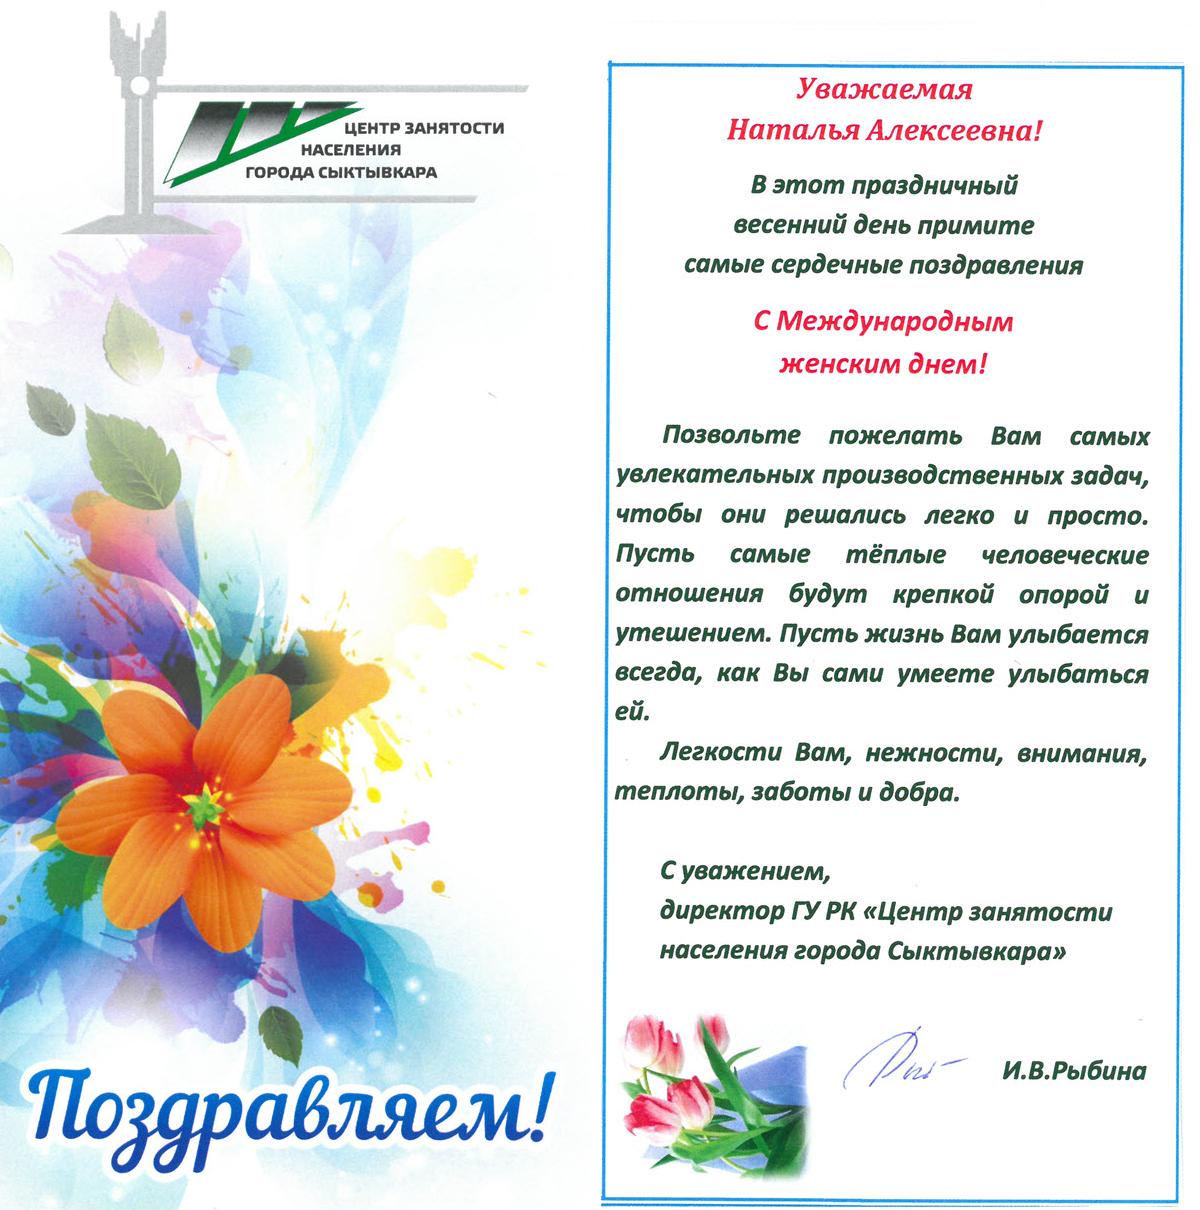 Поздравление с днем службы занятости открытки, новым годом